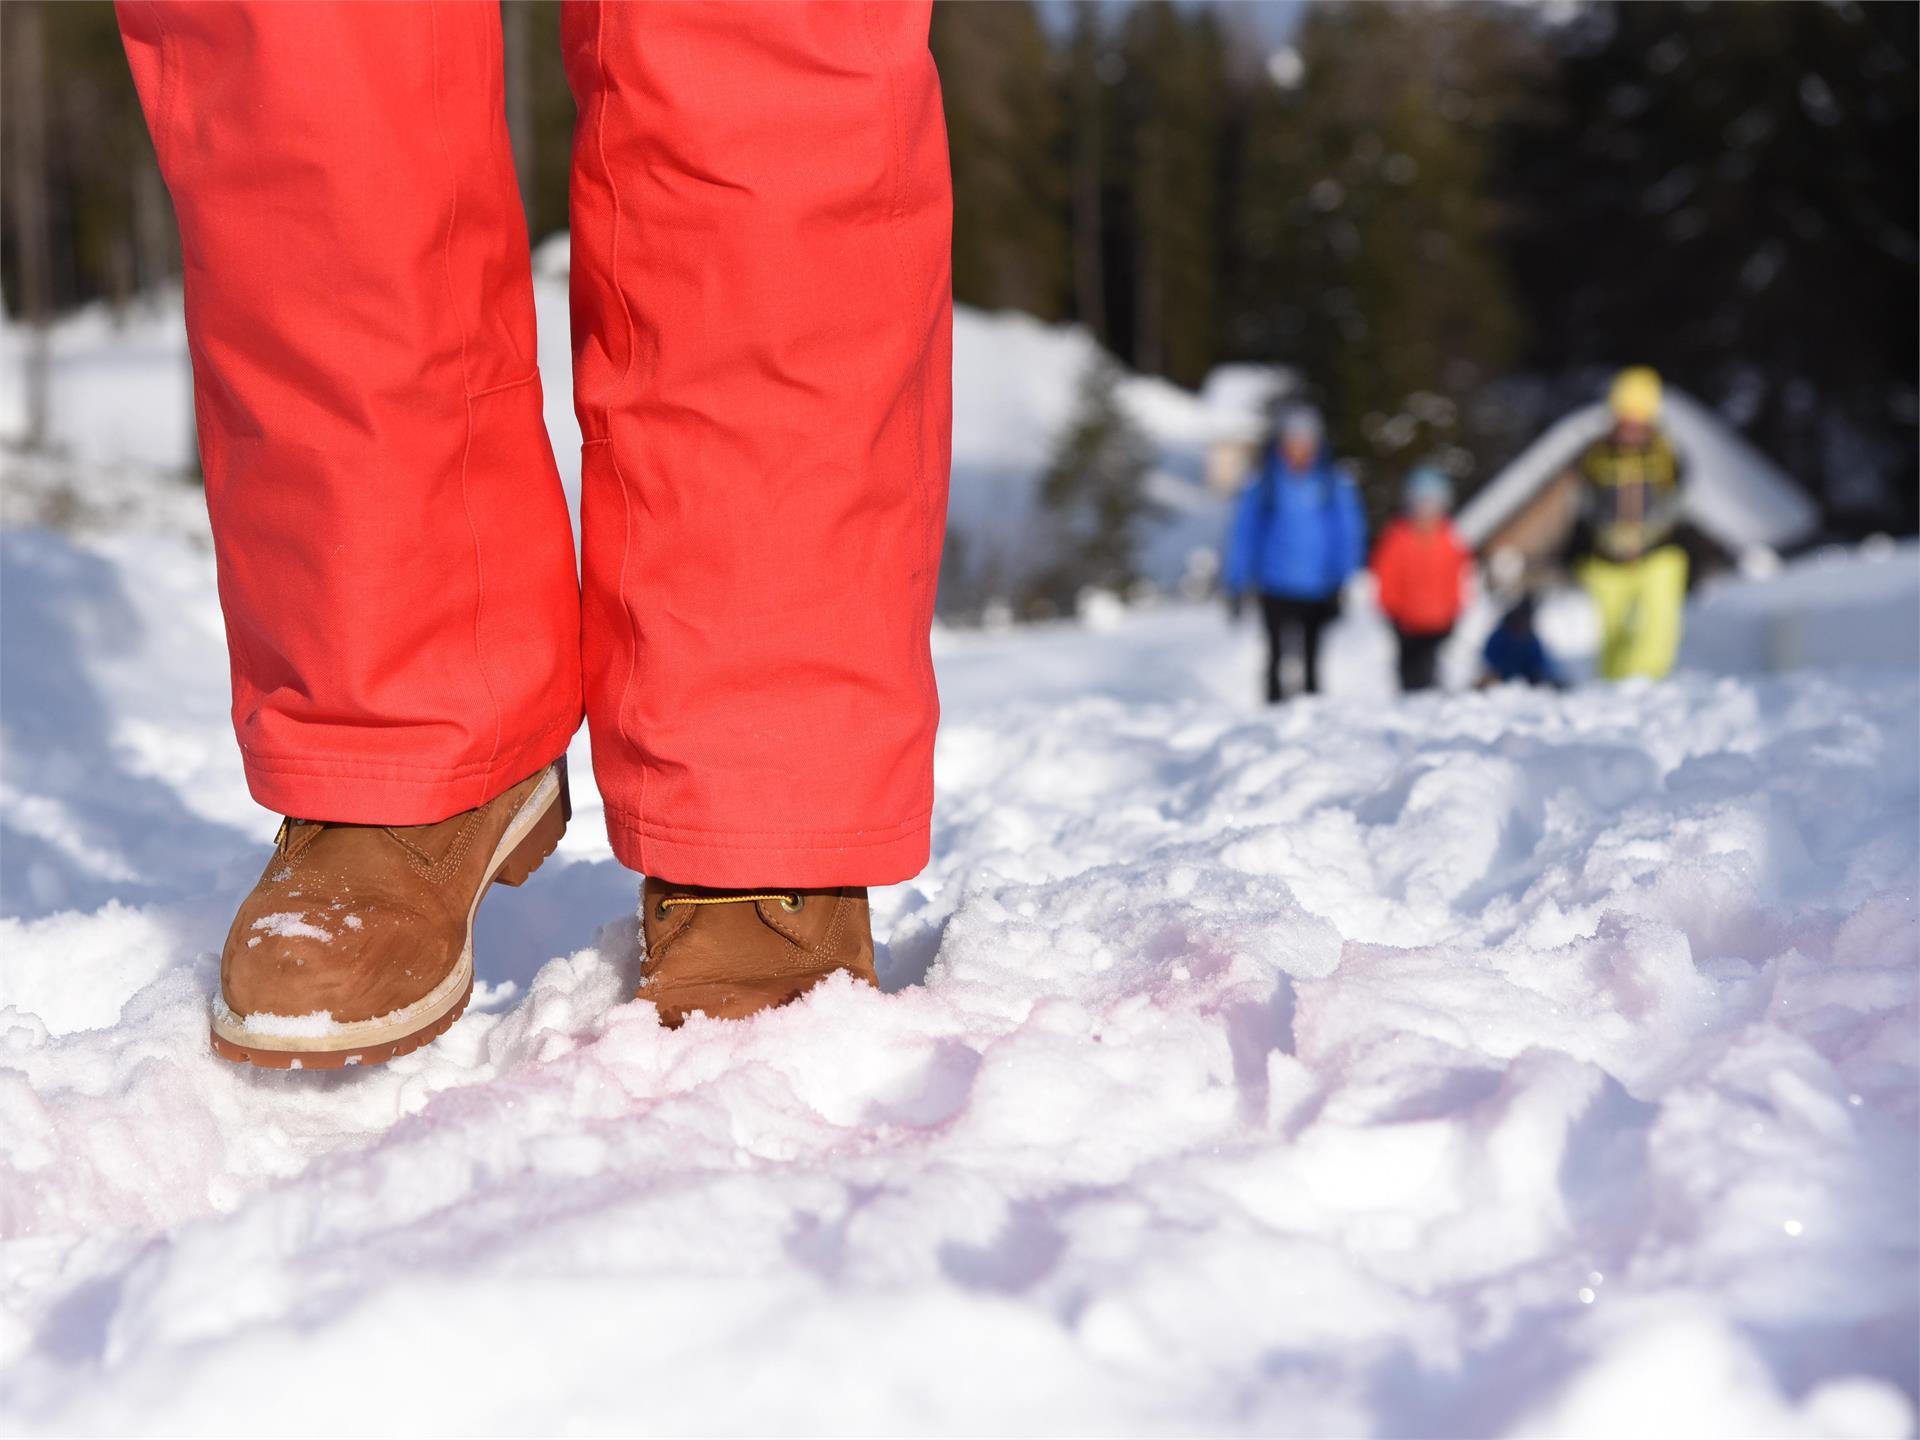 Passeggiata invernale - Braies Vecchia